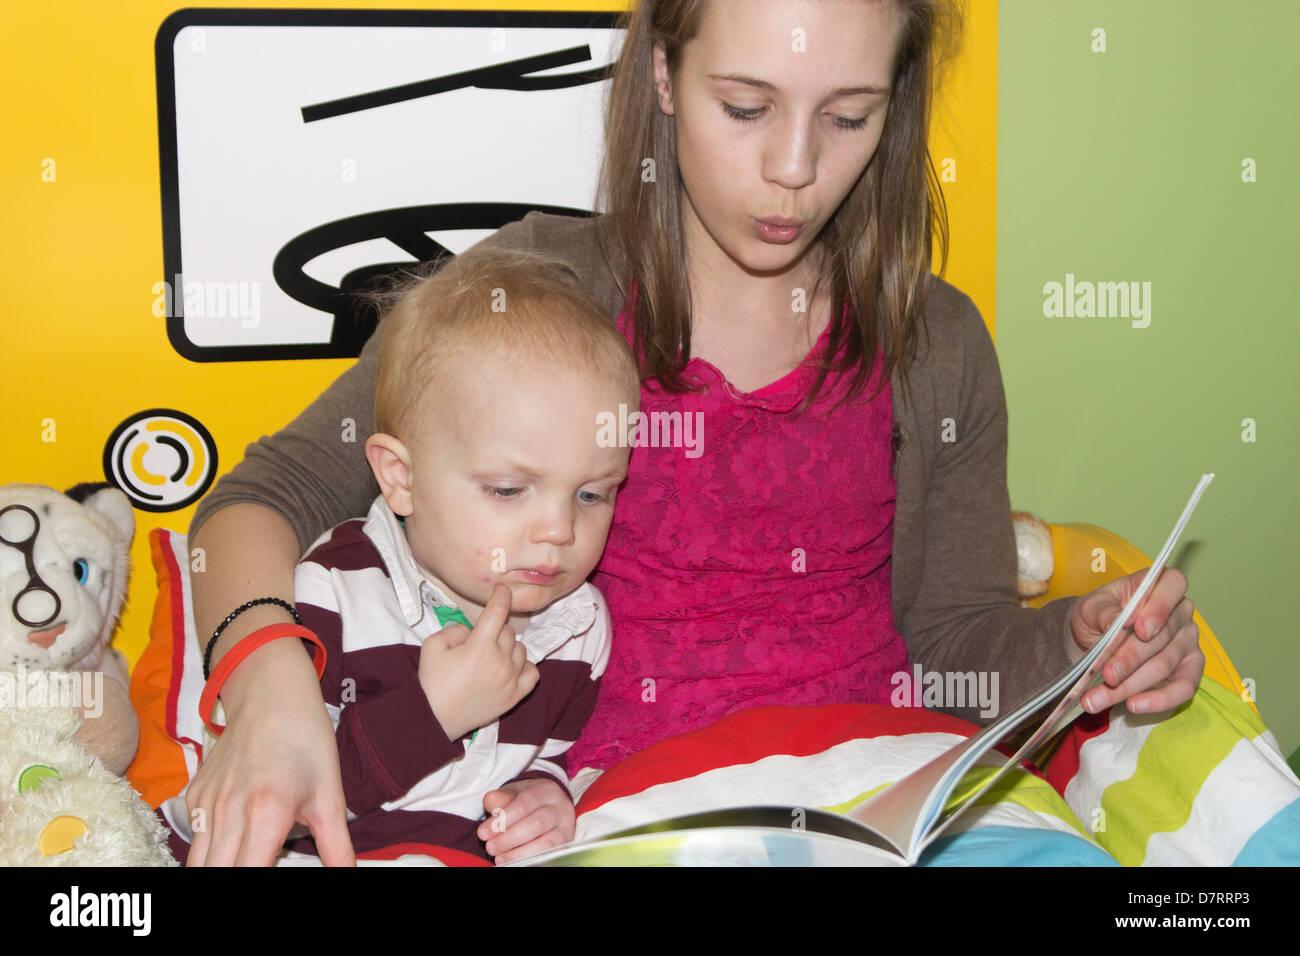 Jeune fille lisant une histoire à un petit garçon. Banque D'Images